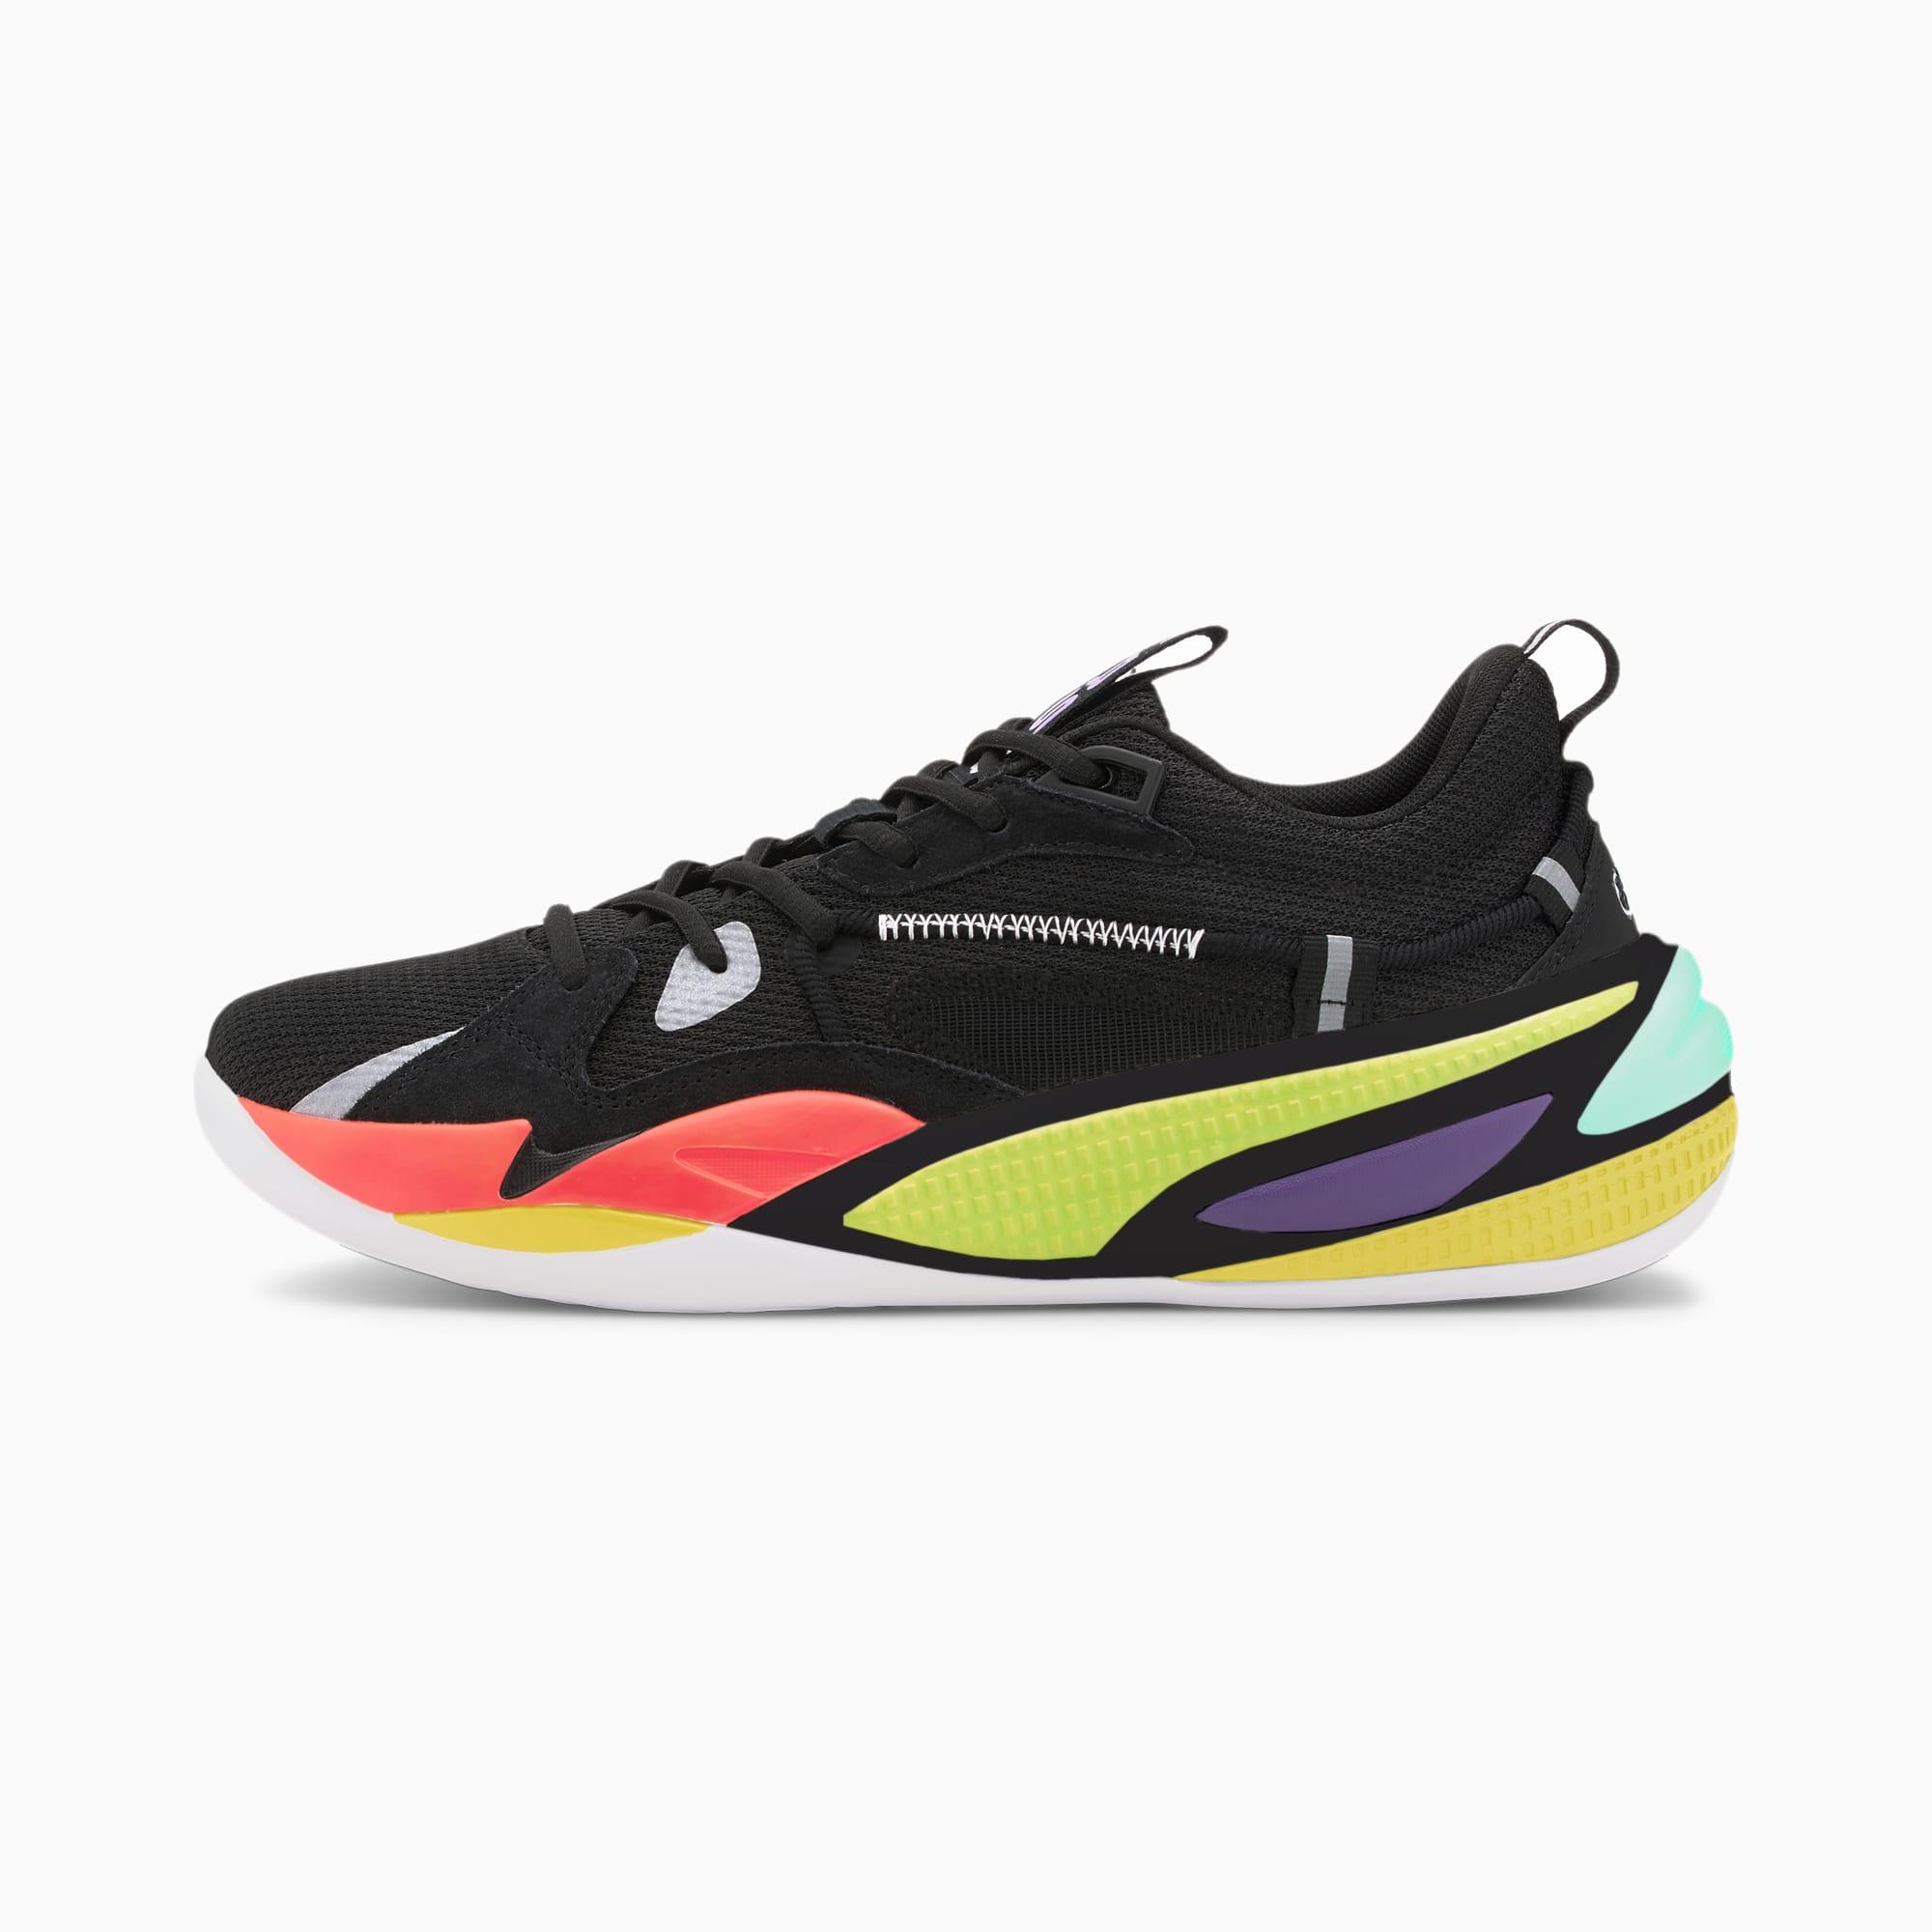 PUMA Chaussure de basket RS-Dreamer Proto, Noir/Rouge, Taille 44, Chaussures